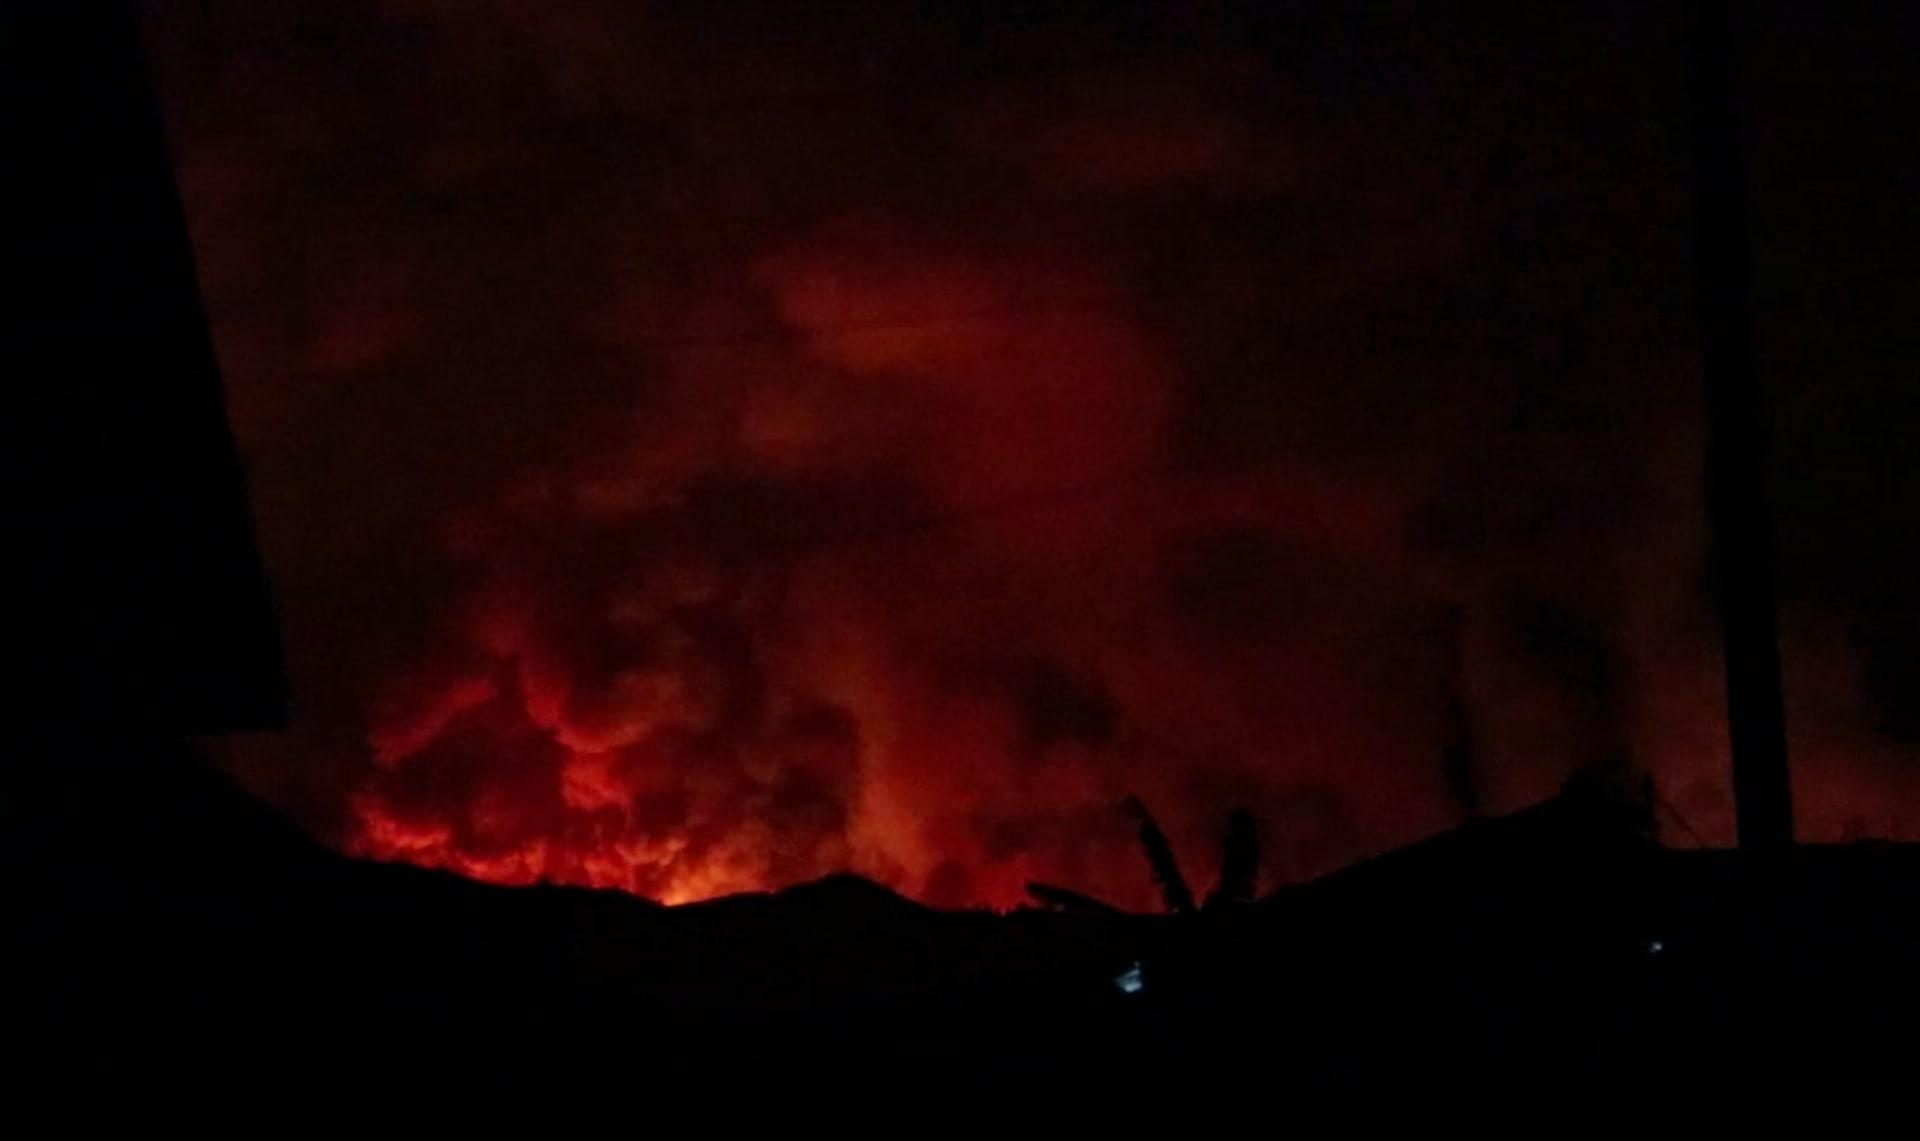 ثوران بركان غوما يثير المخاوف في الكونغو